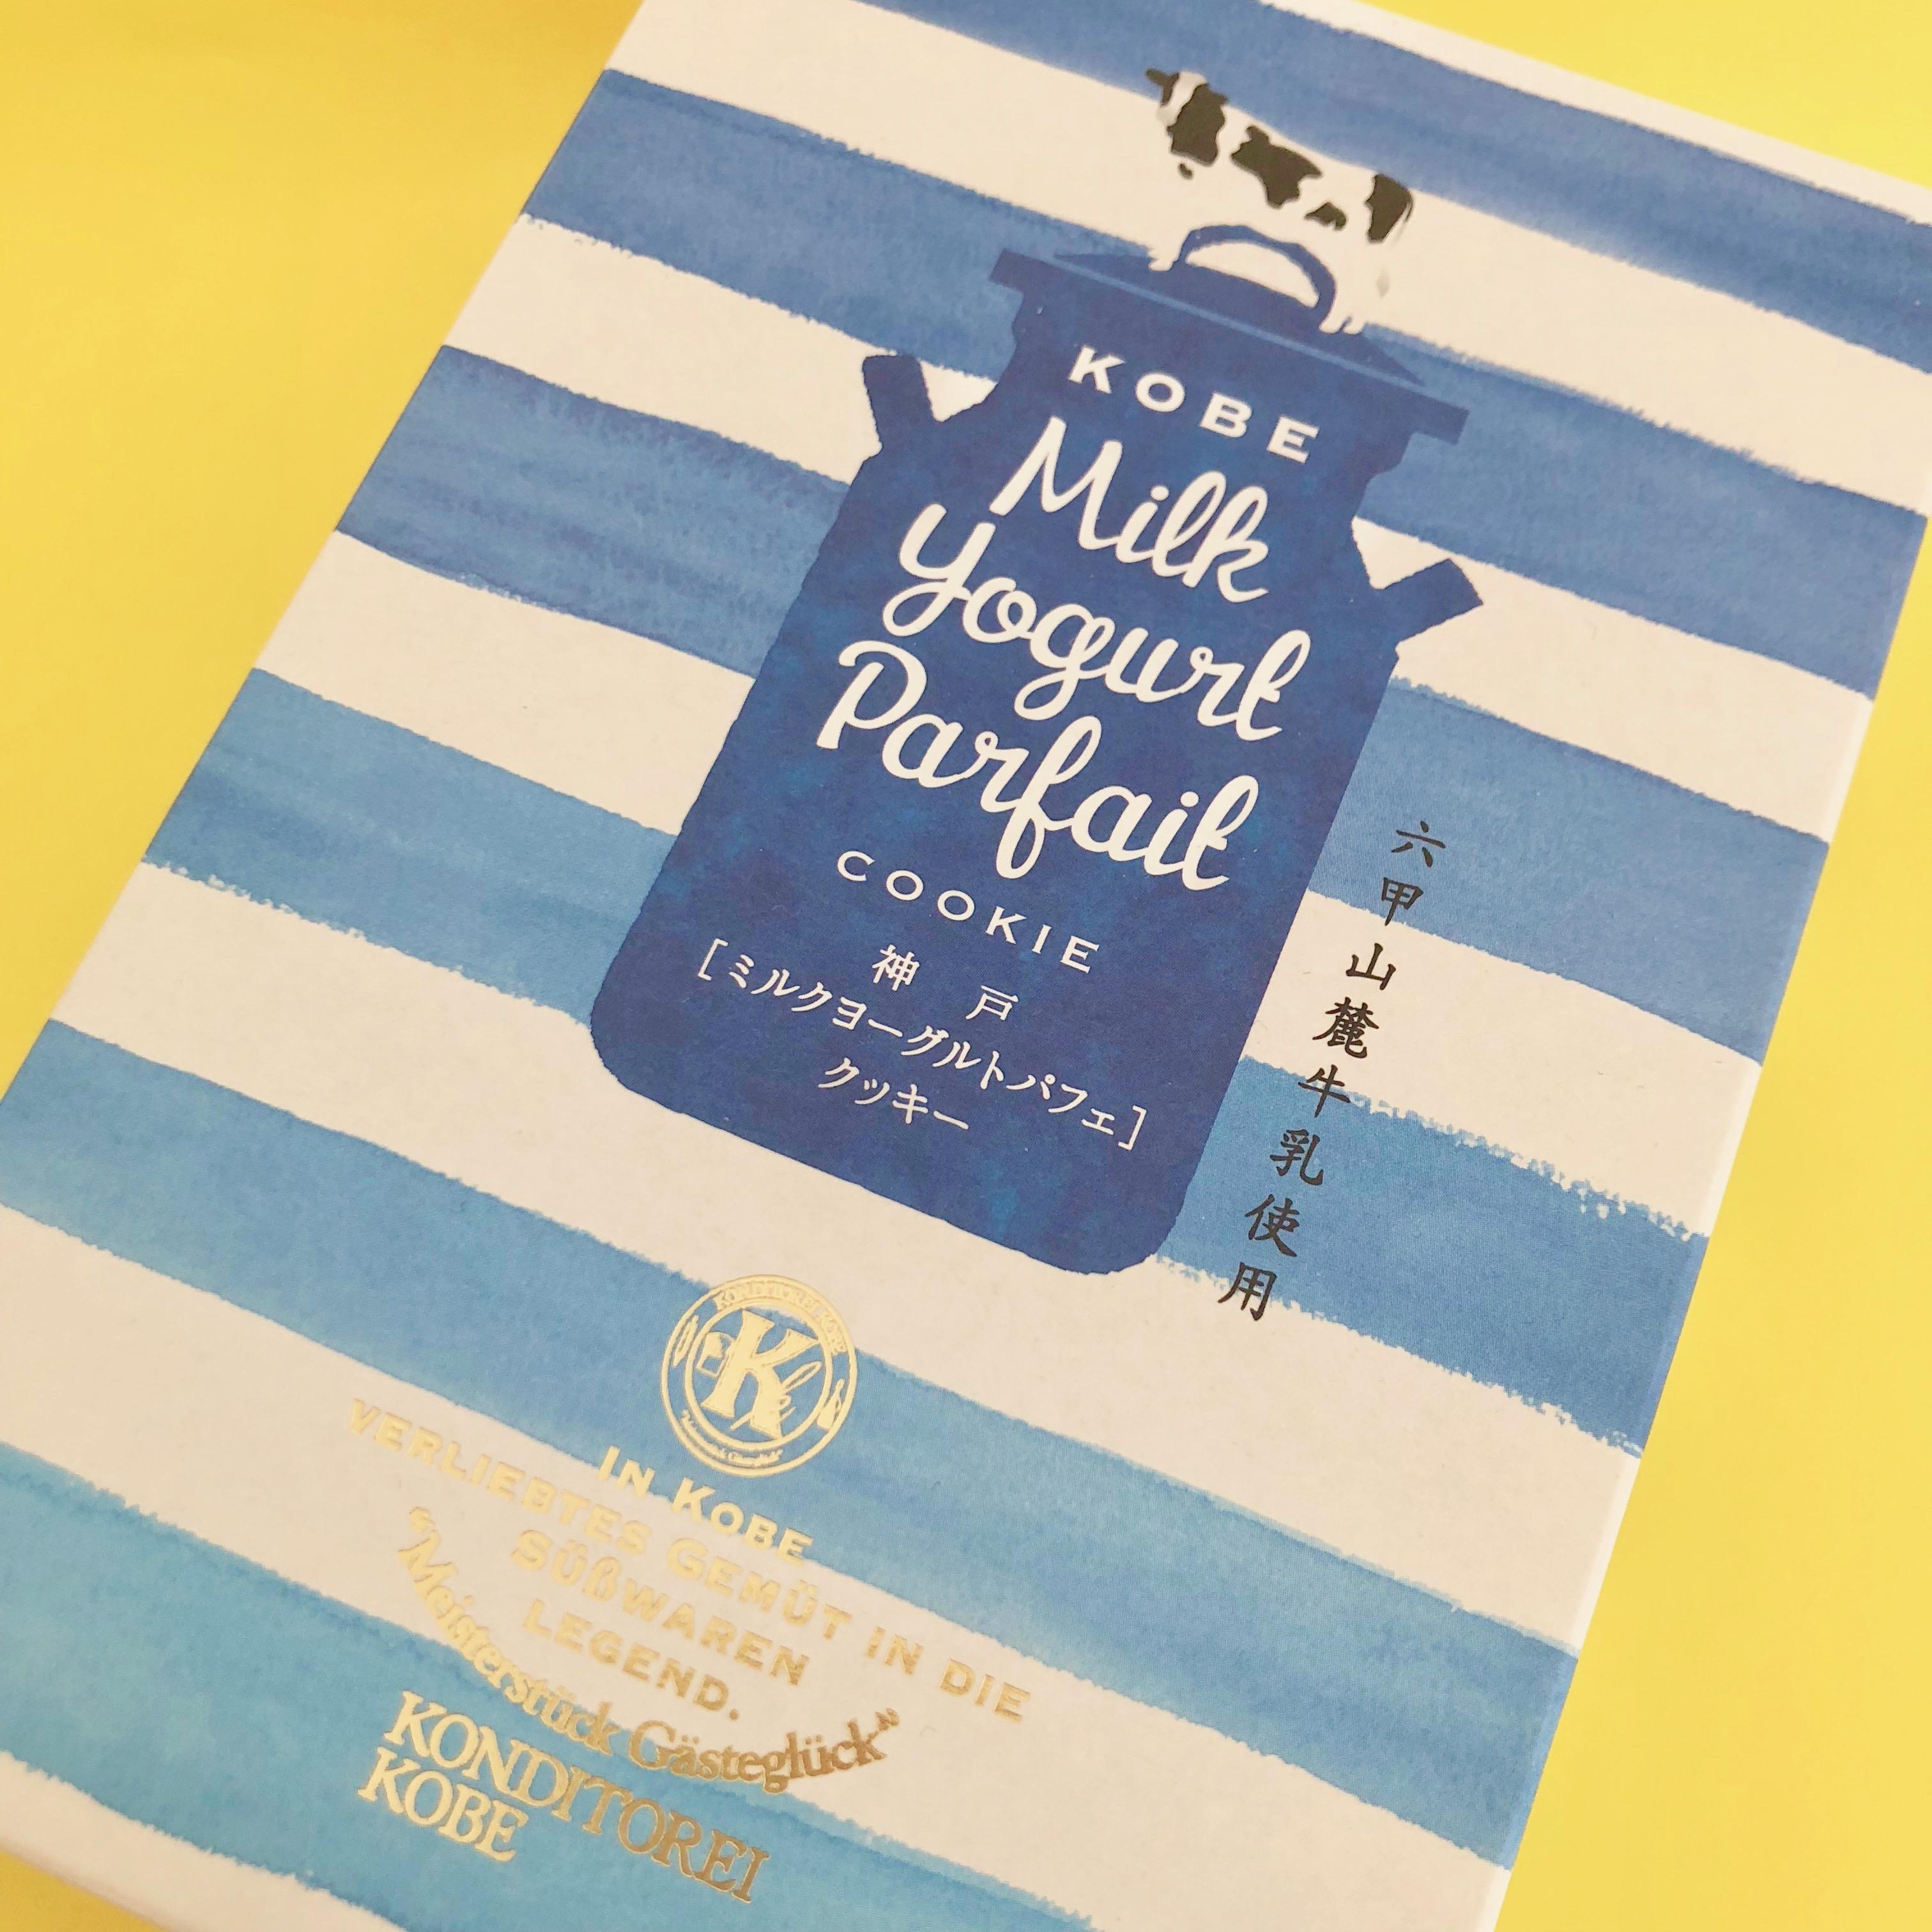 神戸ミルクヨーグルトパフェクッキー